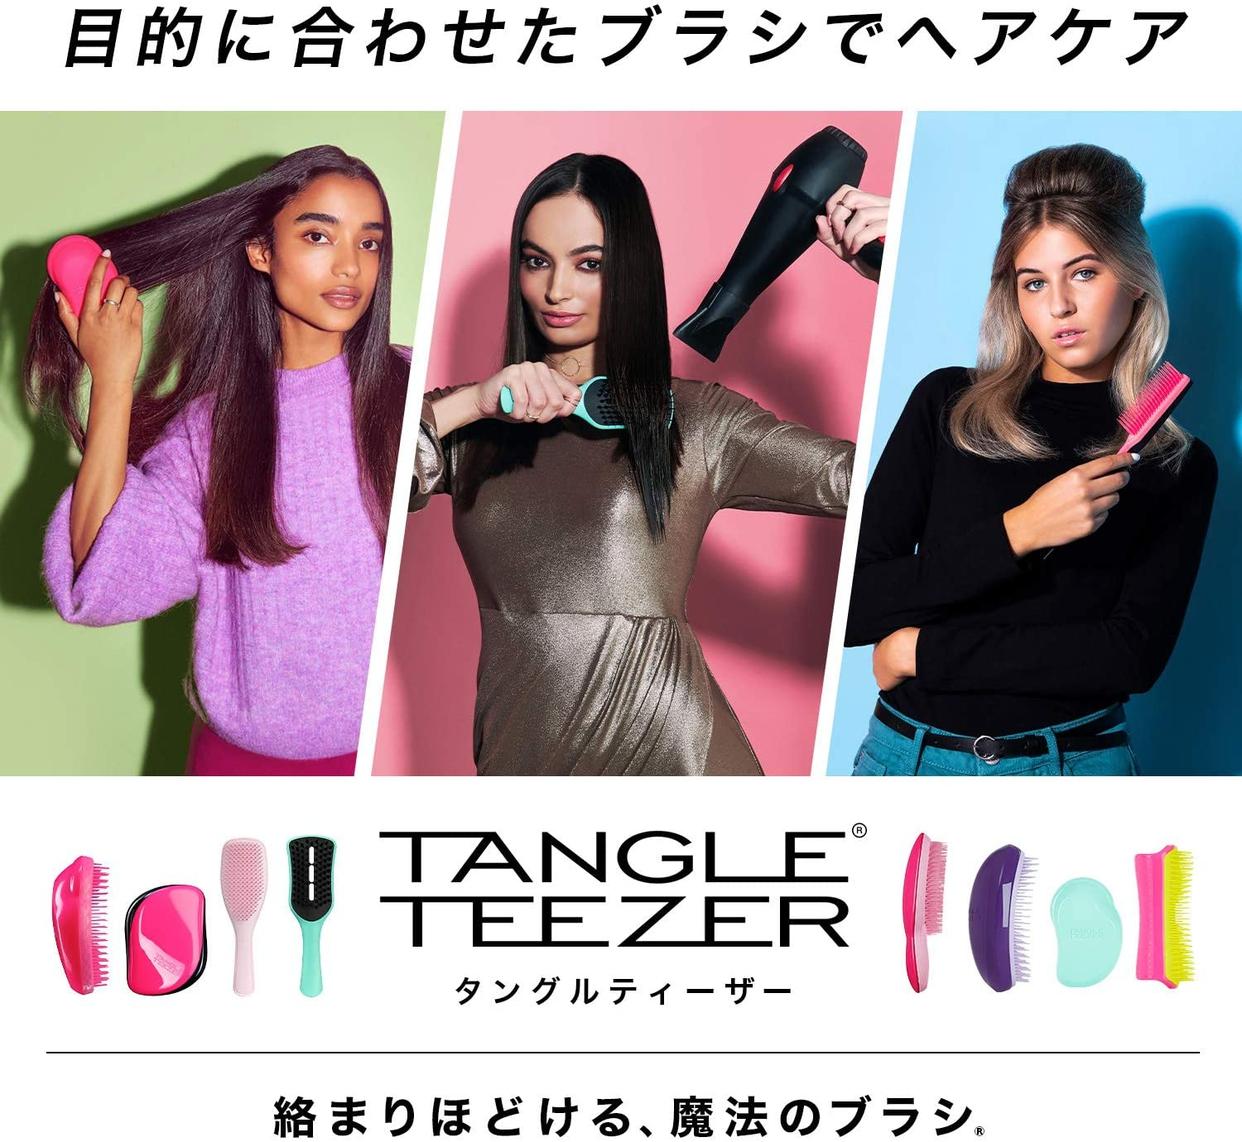 TANGLETEEZER(タングルティーザー)ザ・オリジナル ソフト&ダメージの商品画像8